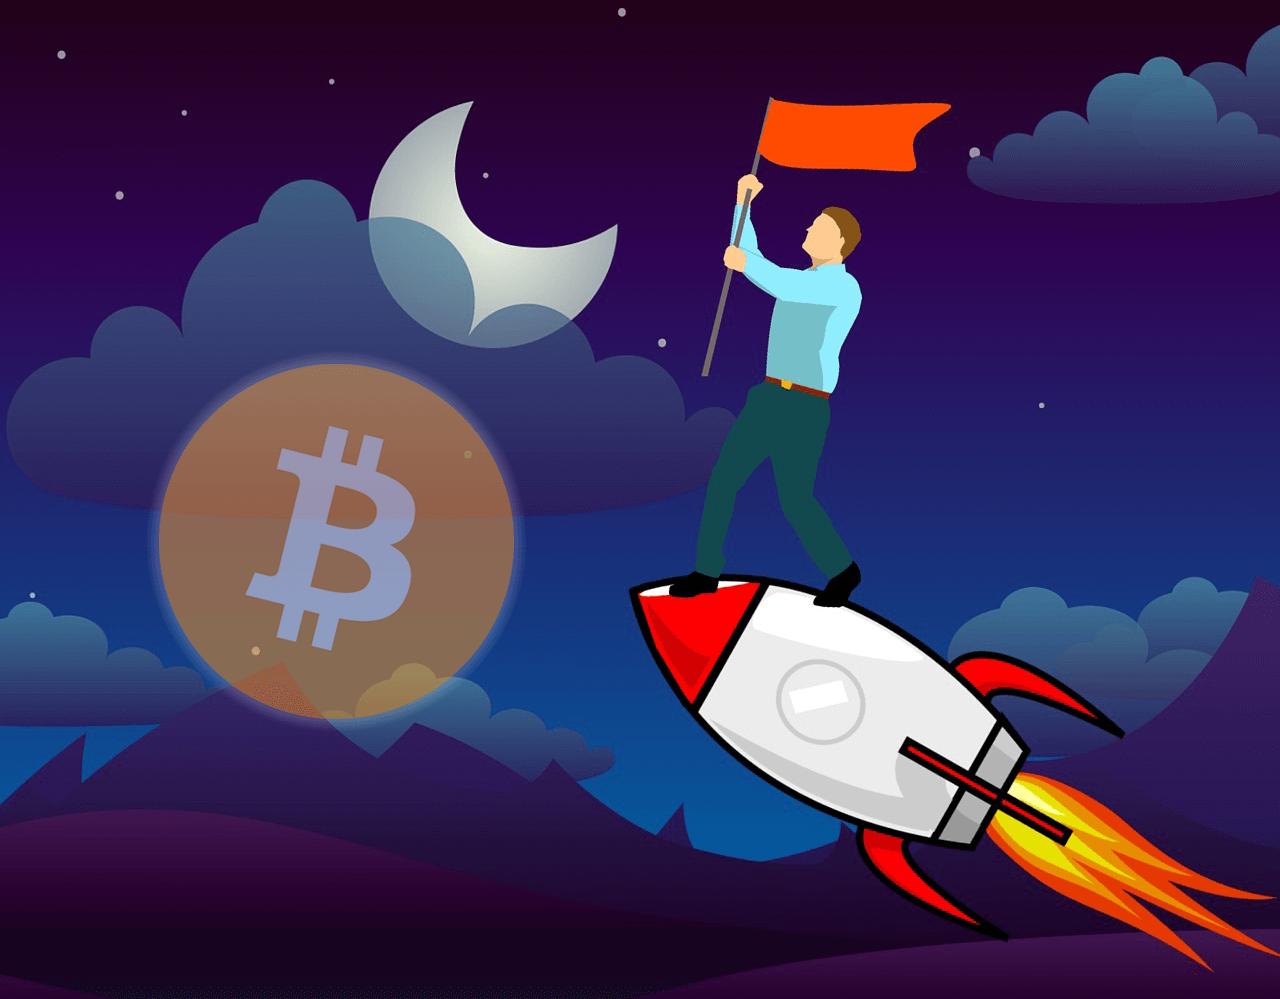 元グーグルディレクター「ビットコインは早期段階で将来0.28BTCの所有ができるのは上位1%」アイキャッチ